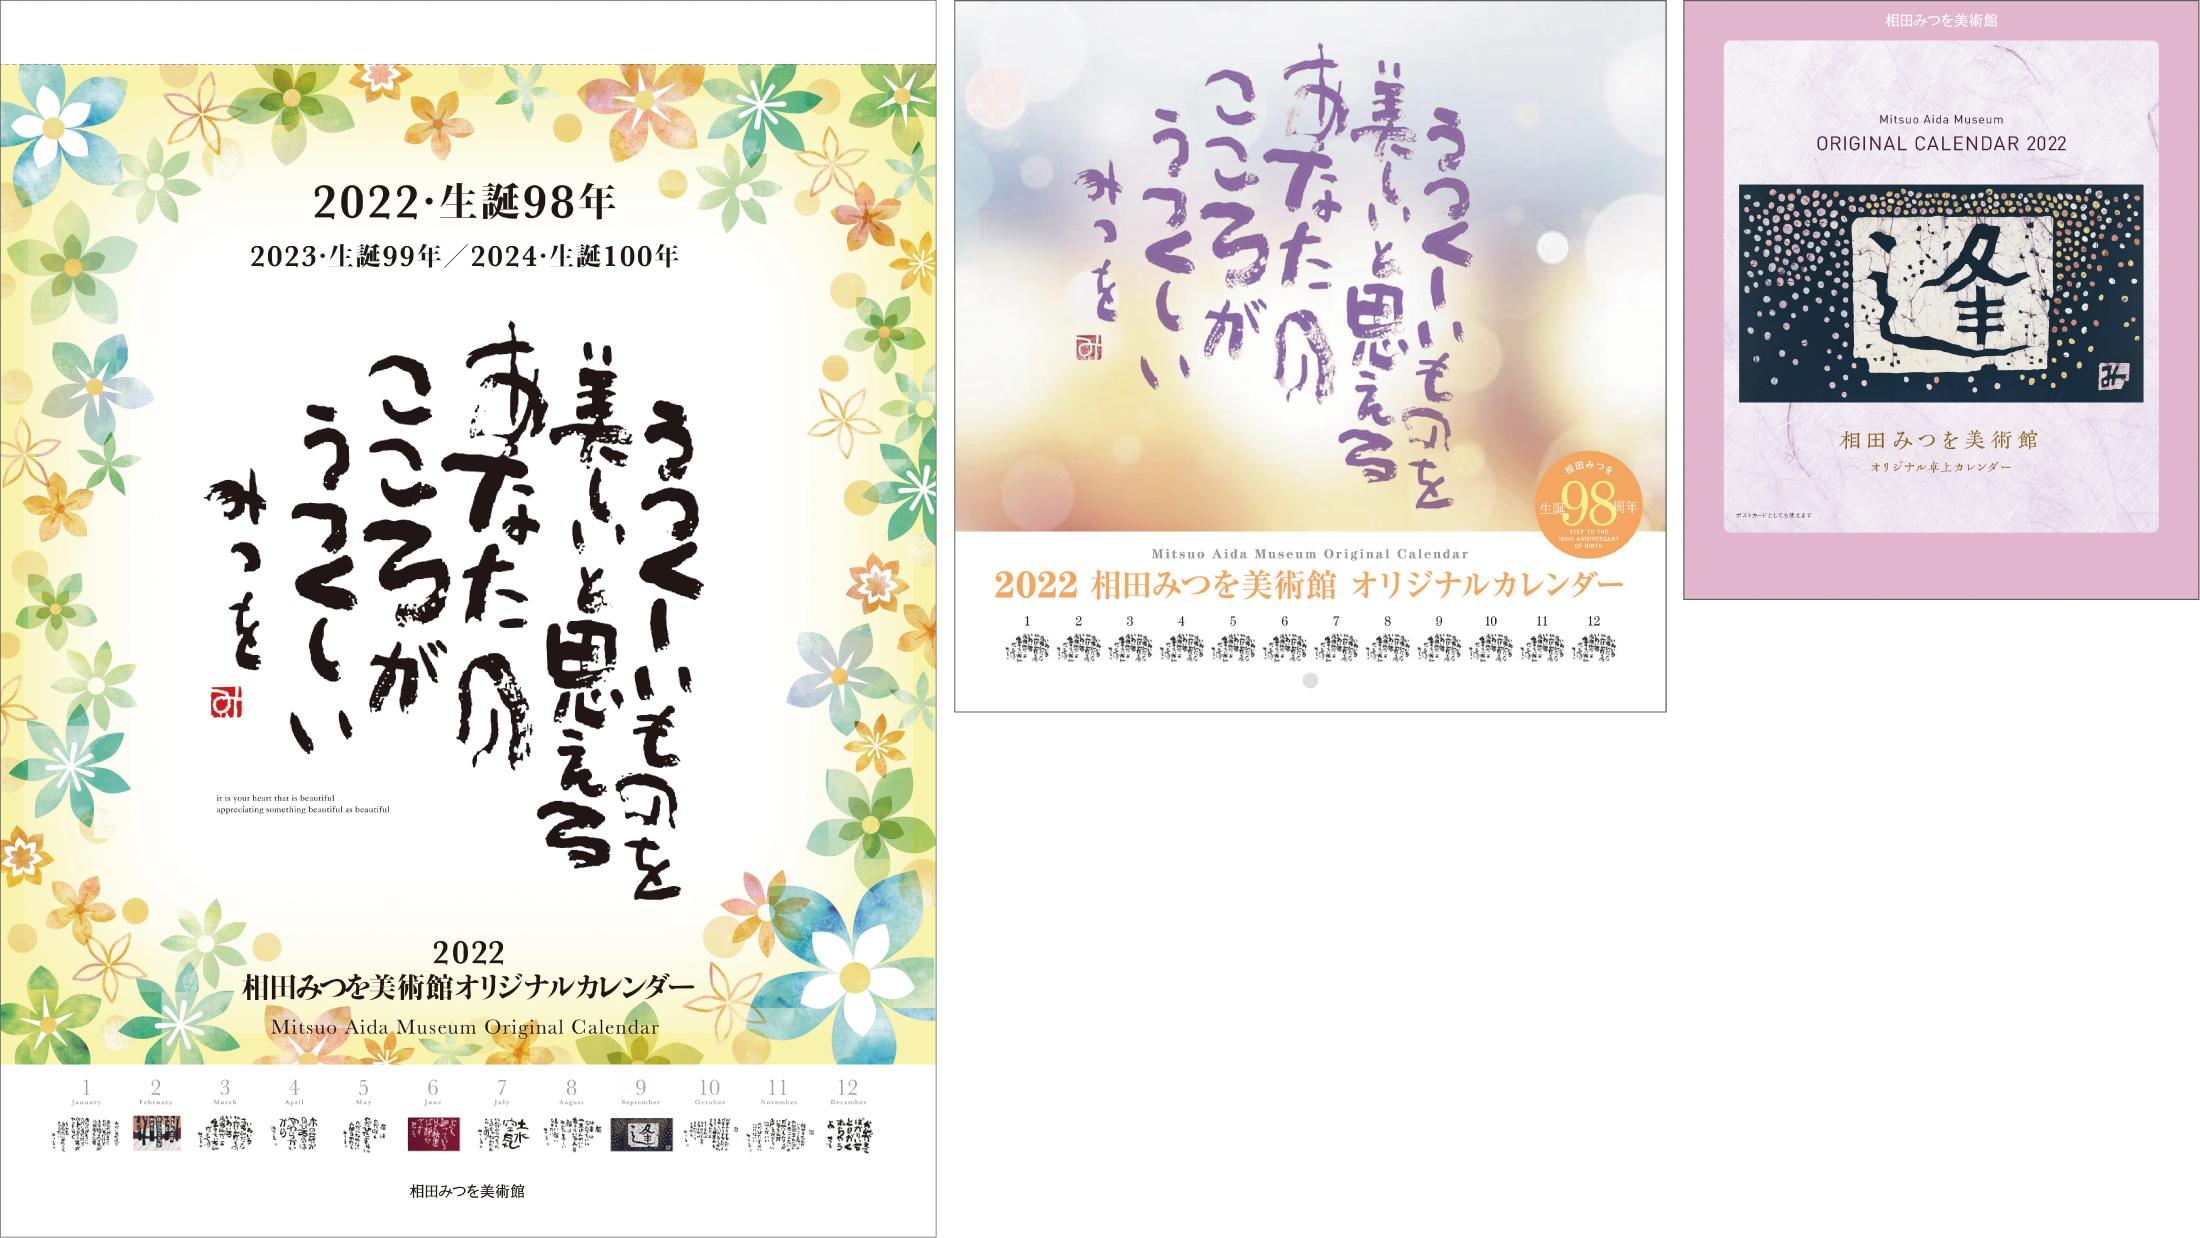 2022年 相田みつを美術館 オリジナルカレンダー